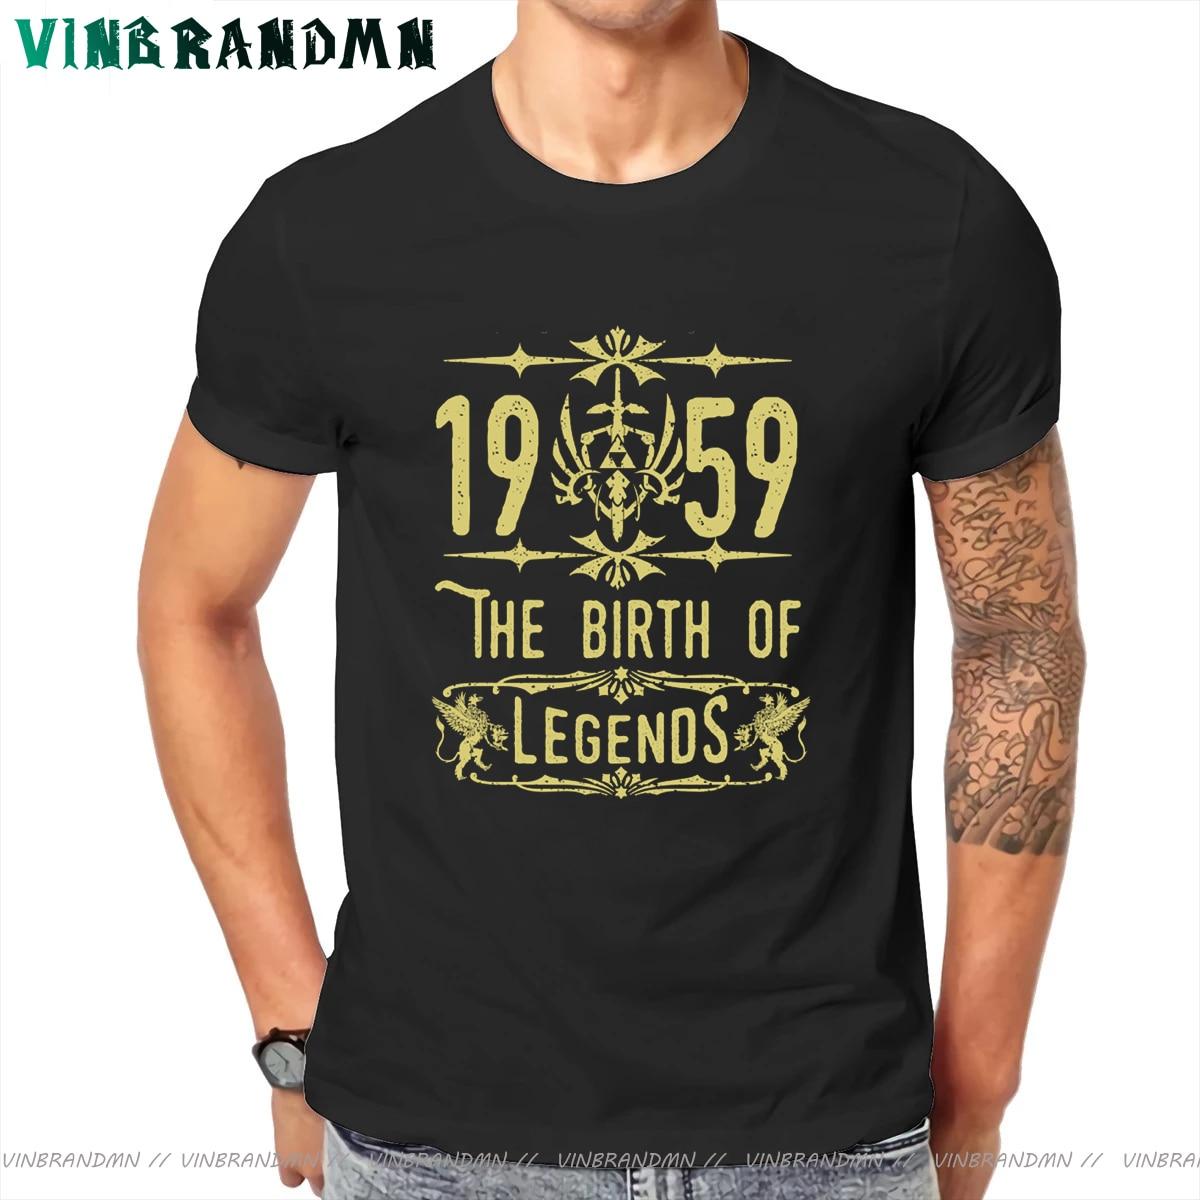 Camisetas de The birth of Legends para Hombre, Camiseta Vintage 1959 hecha...